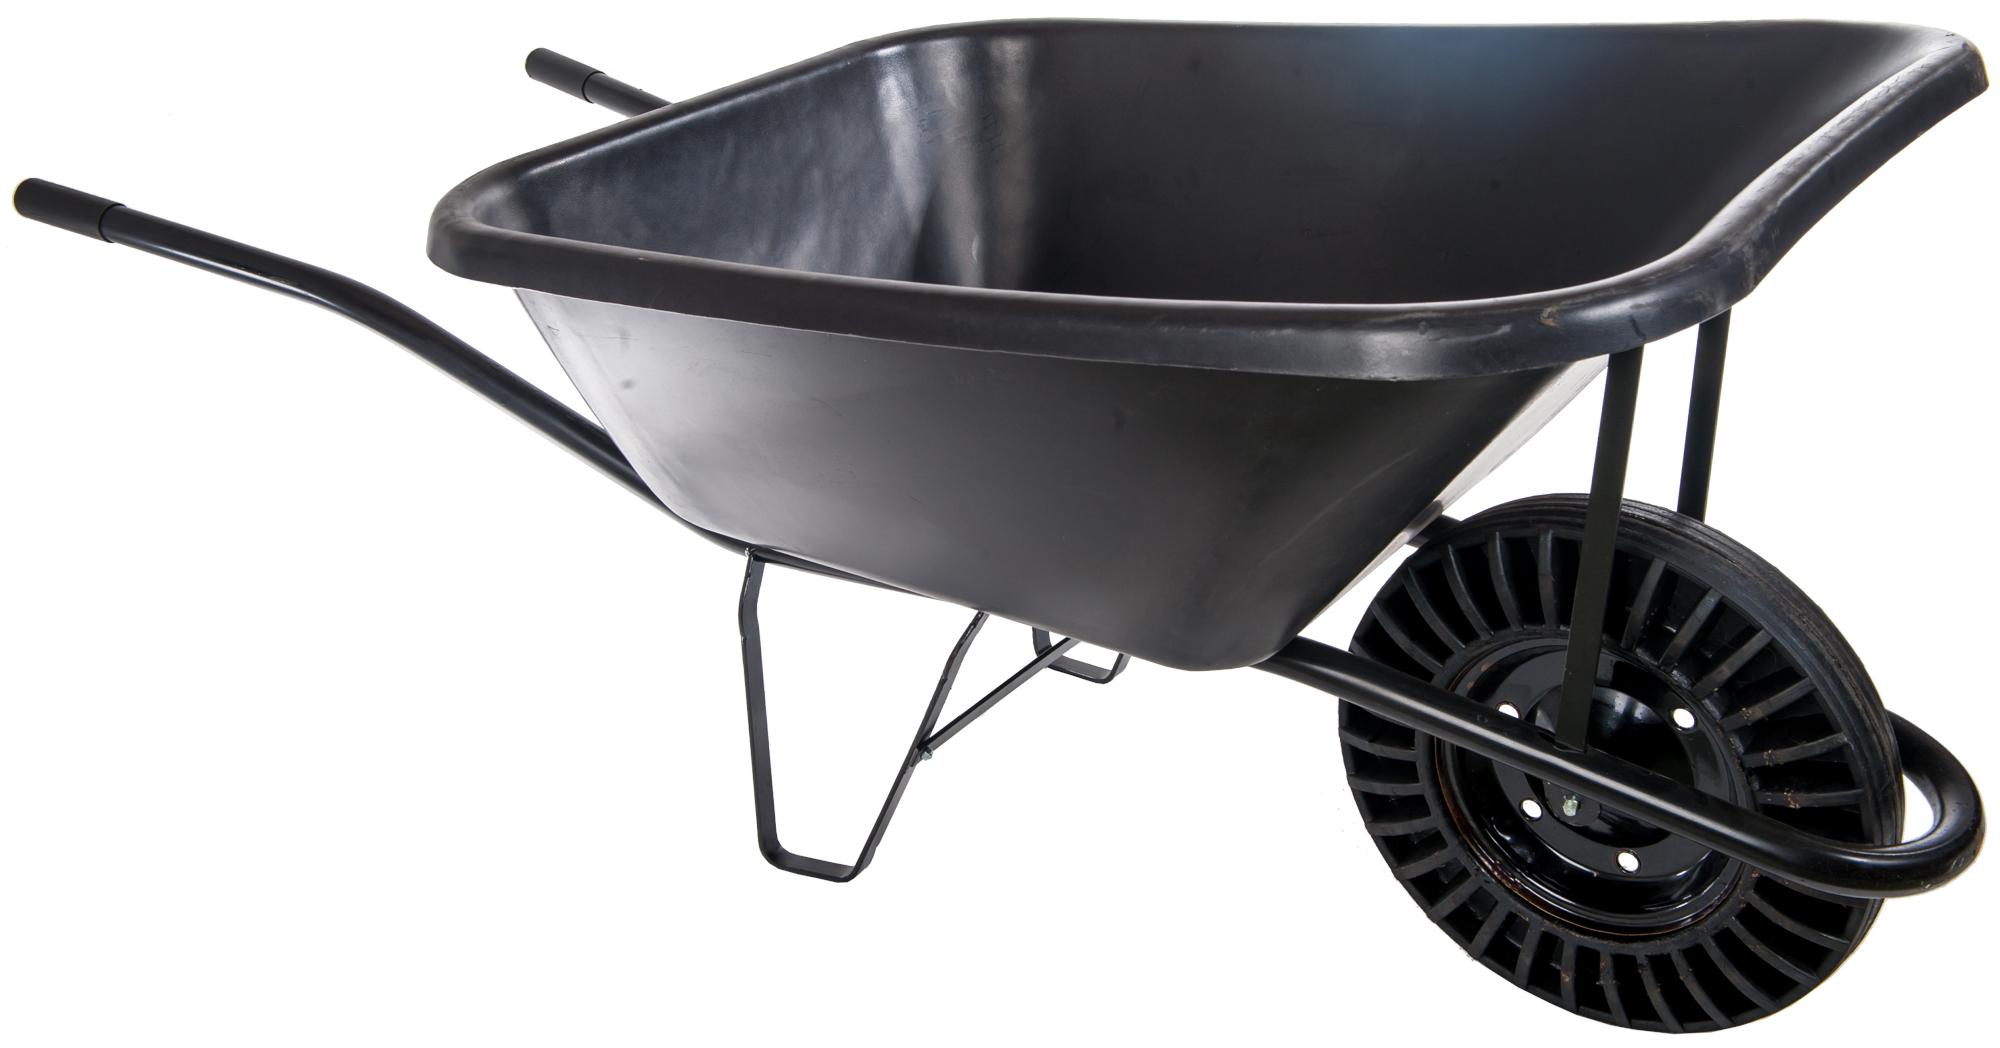 HTI Zahradní kolečko 120L bantam KZ01